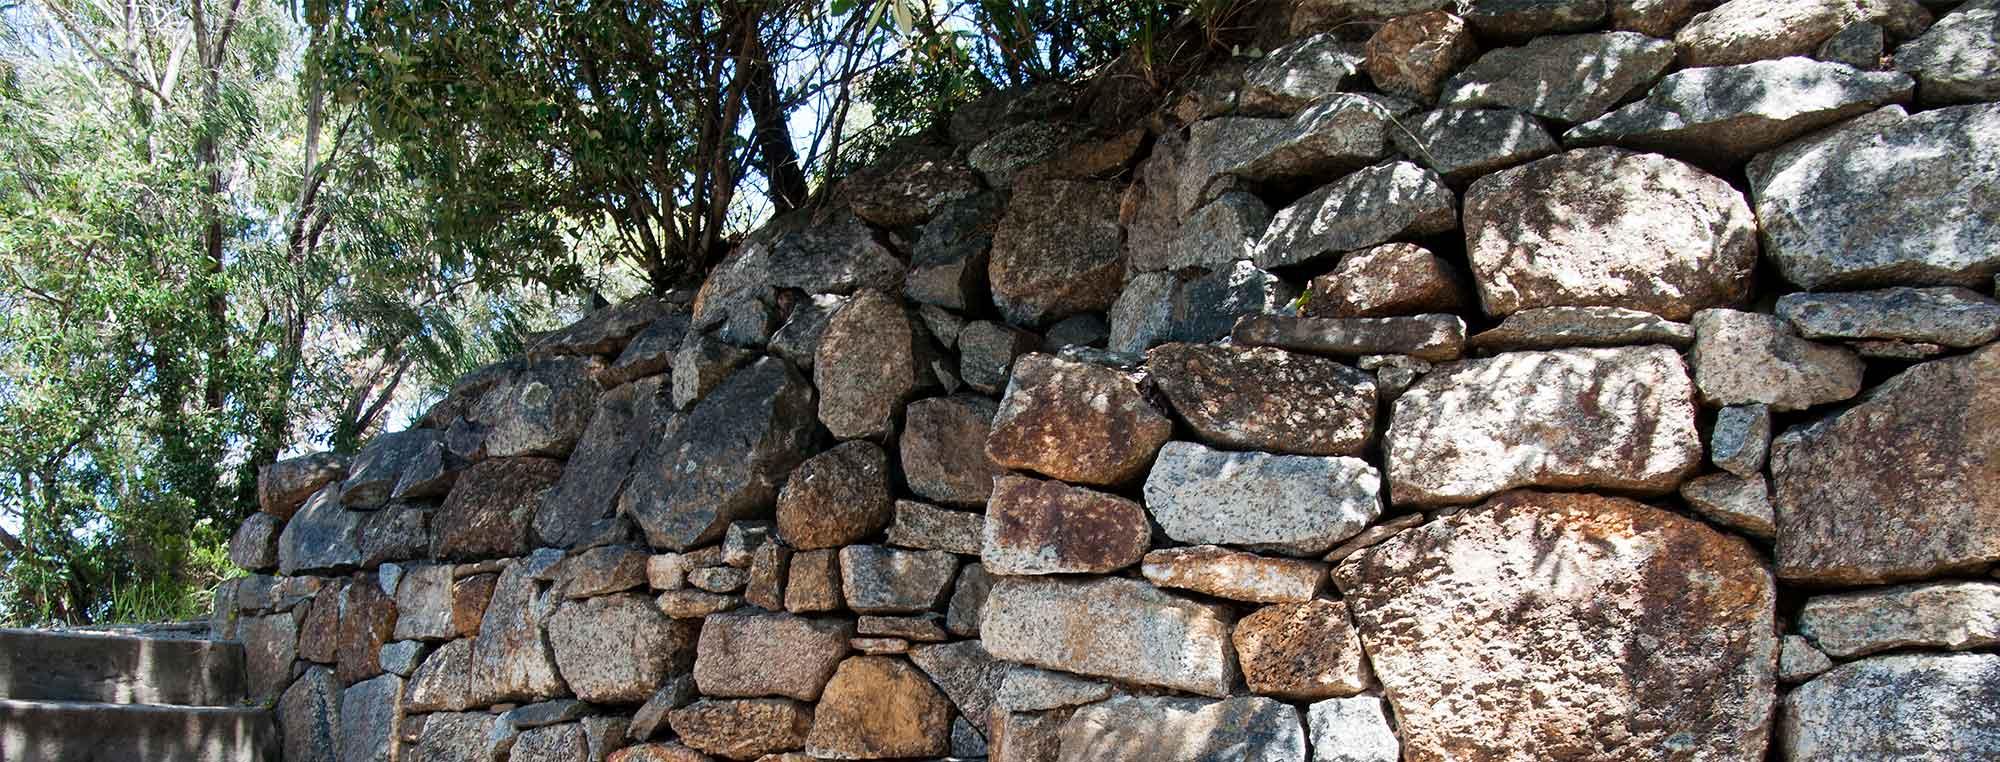 Trockenmauer aus Natursteinen für den Garten.